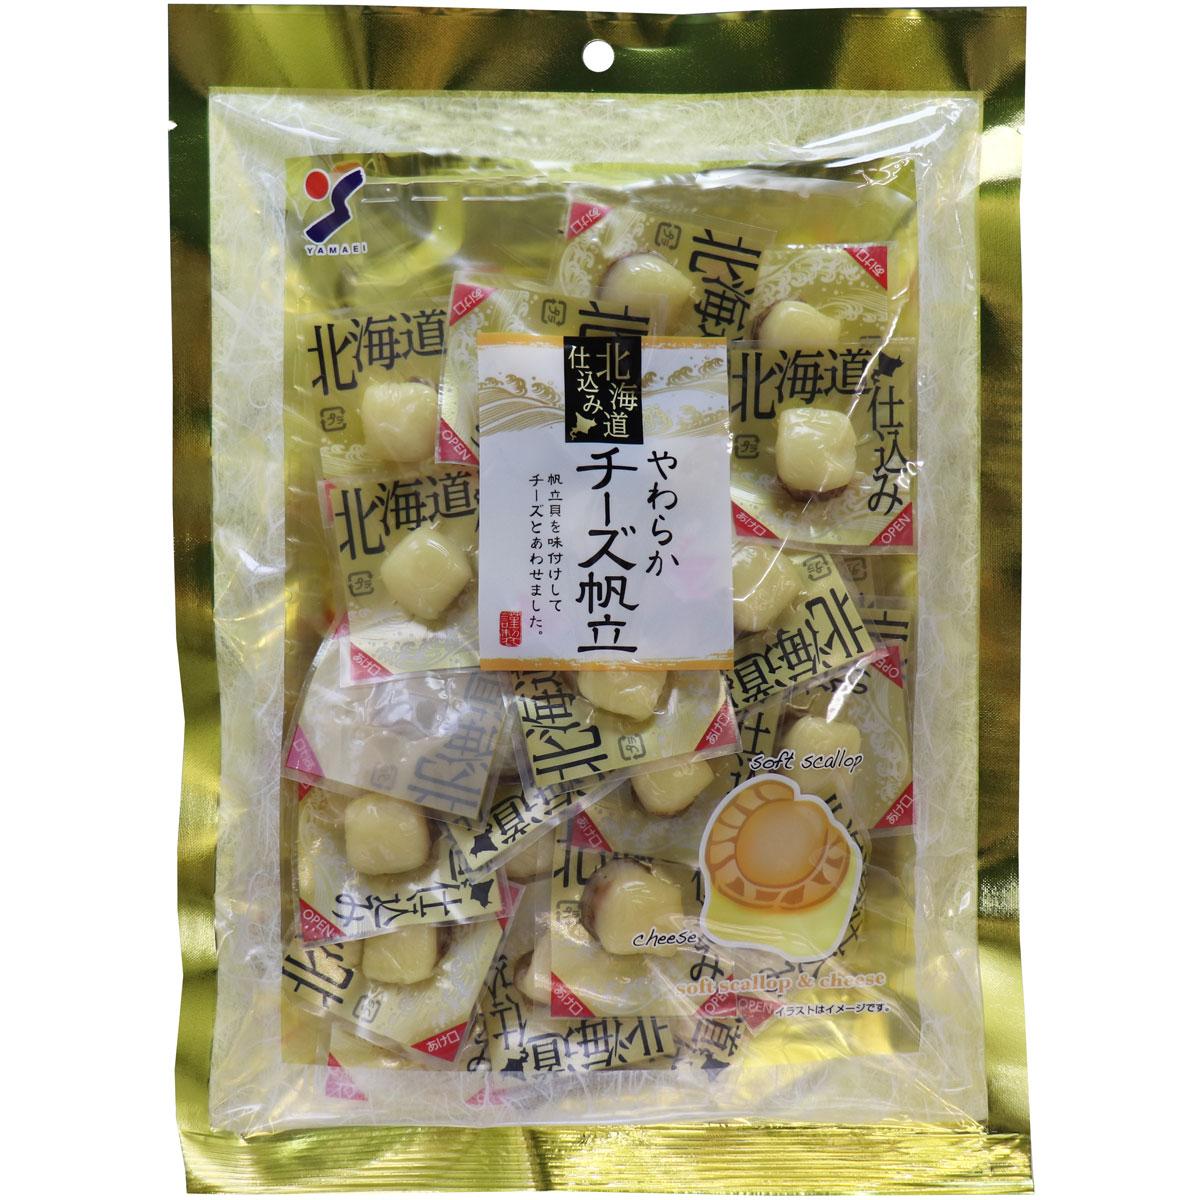 ※[メーカー欠品] 北海道仕込み やわらかチーズ帆立 120g